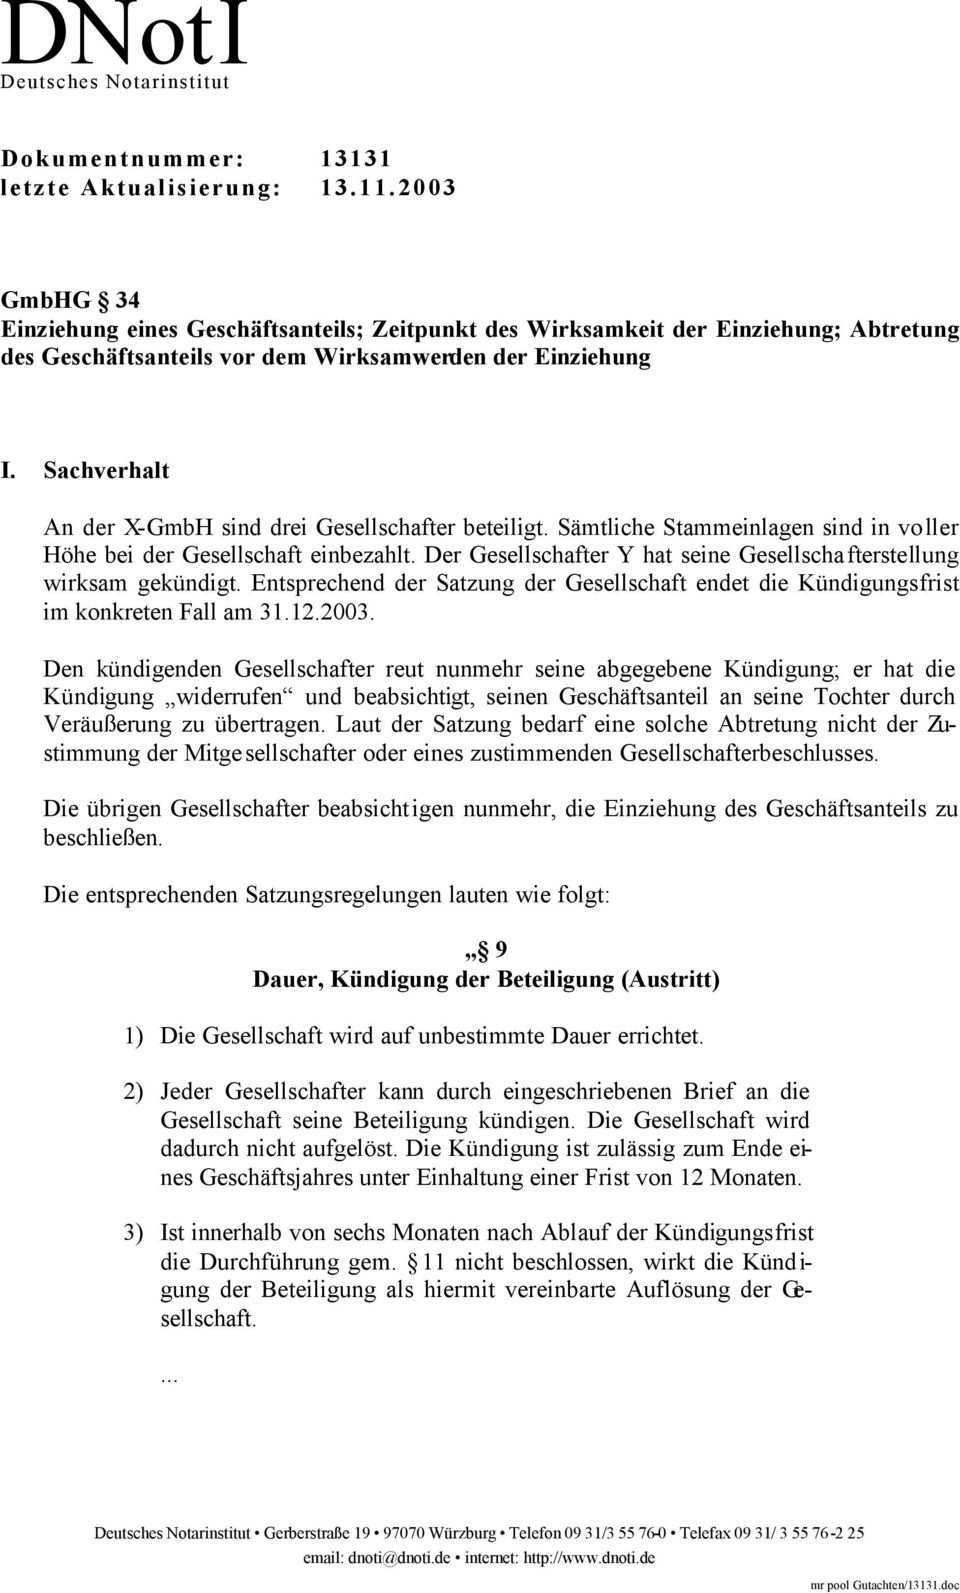 Die Entsprechenden Satzungsregelungen Lauten Wie Folgt 9 Dauer Kundigung Der Beteiligung Austritt Pdf Free Download